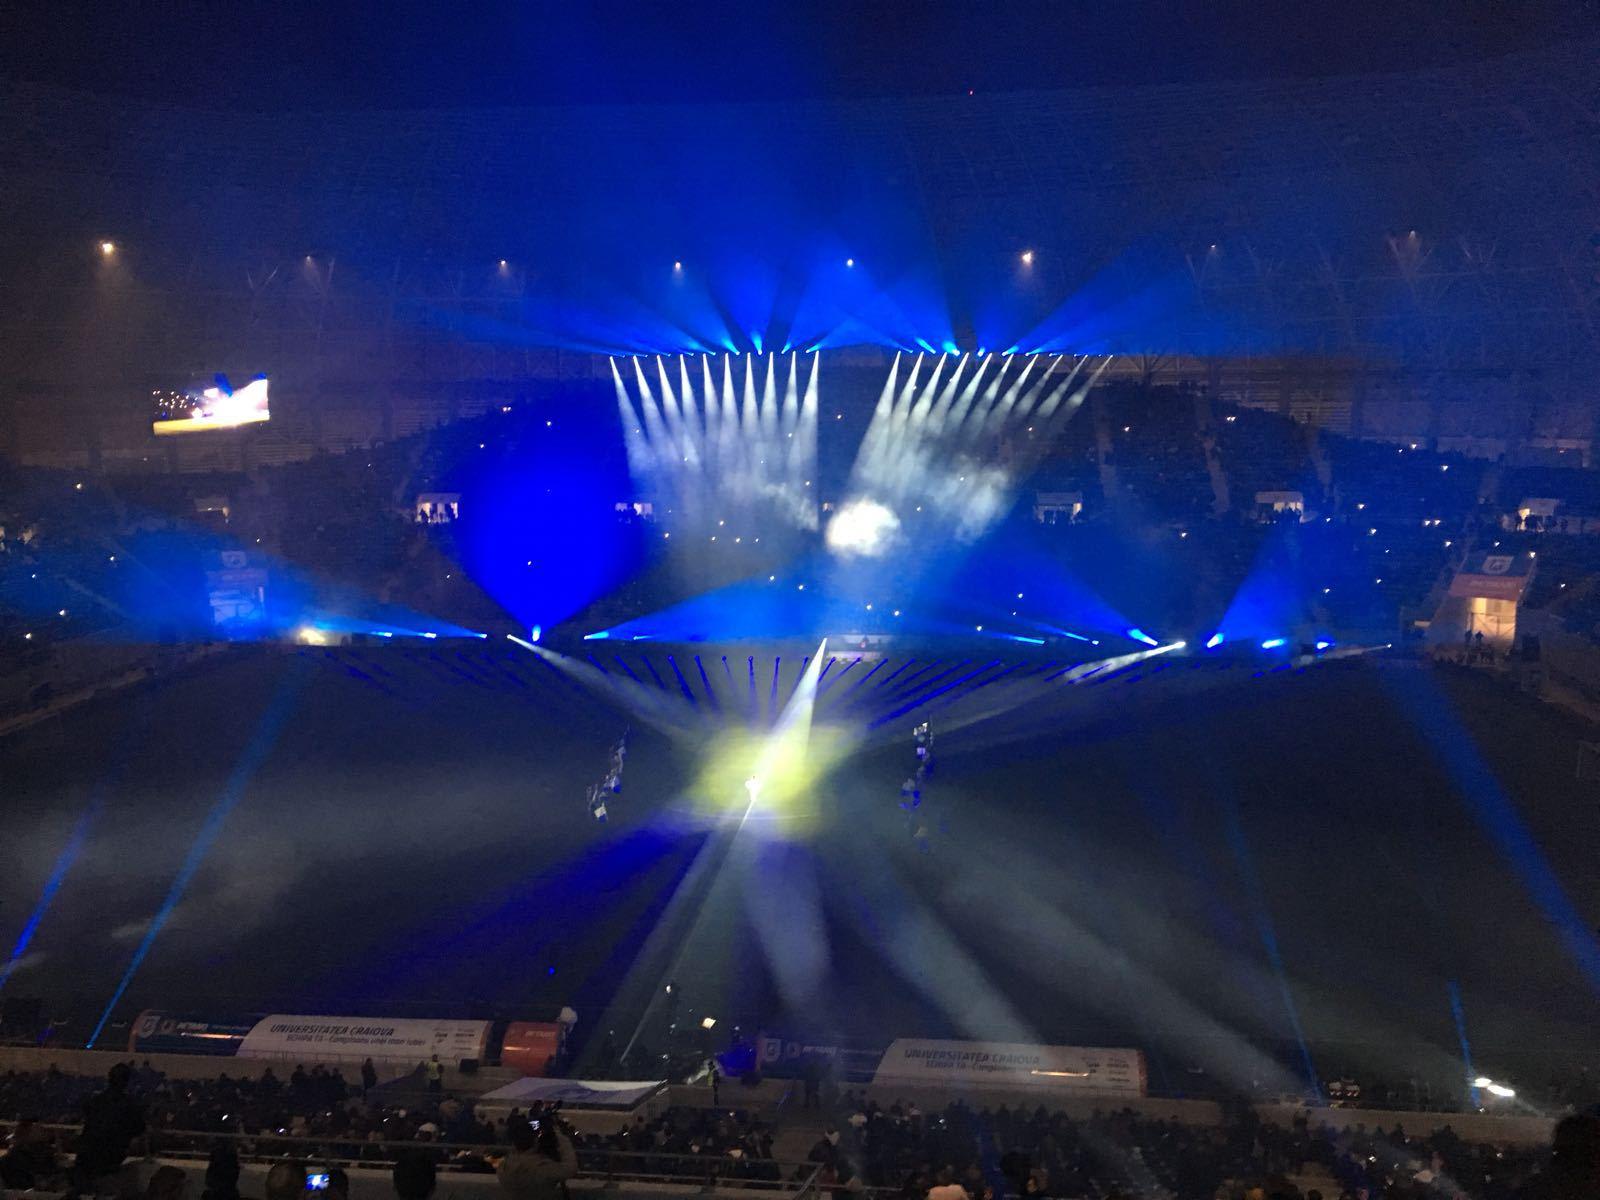 Noul stadion din Craiova, inaugurat cu un spectacol, un show pirotehnic şi un meci amical/ Piţurcă: Anul acesta, anul viitor, Craiova va fi campioană | GALERIE FOTO